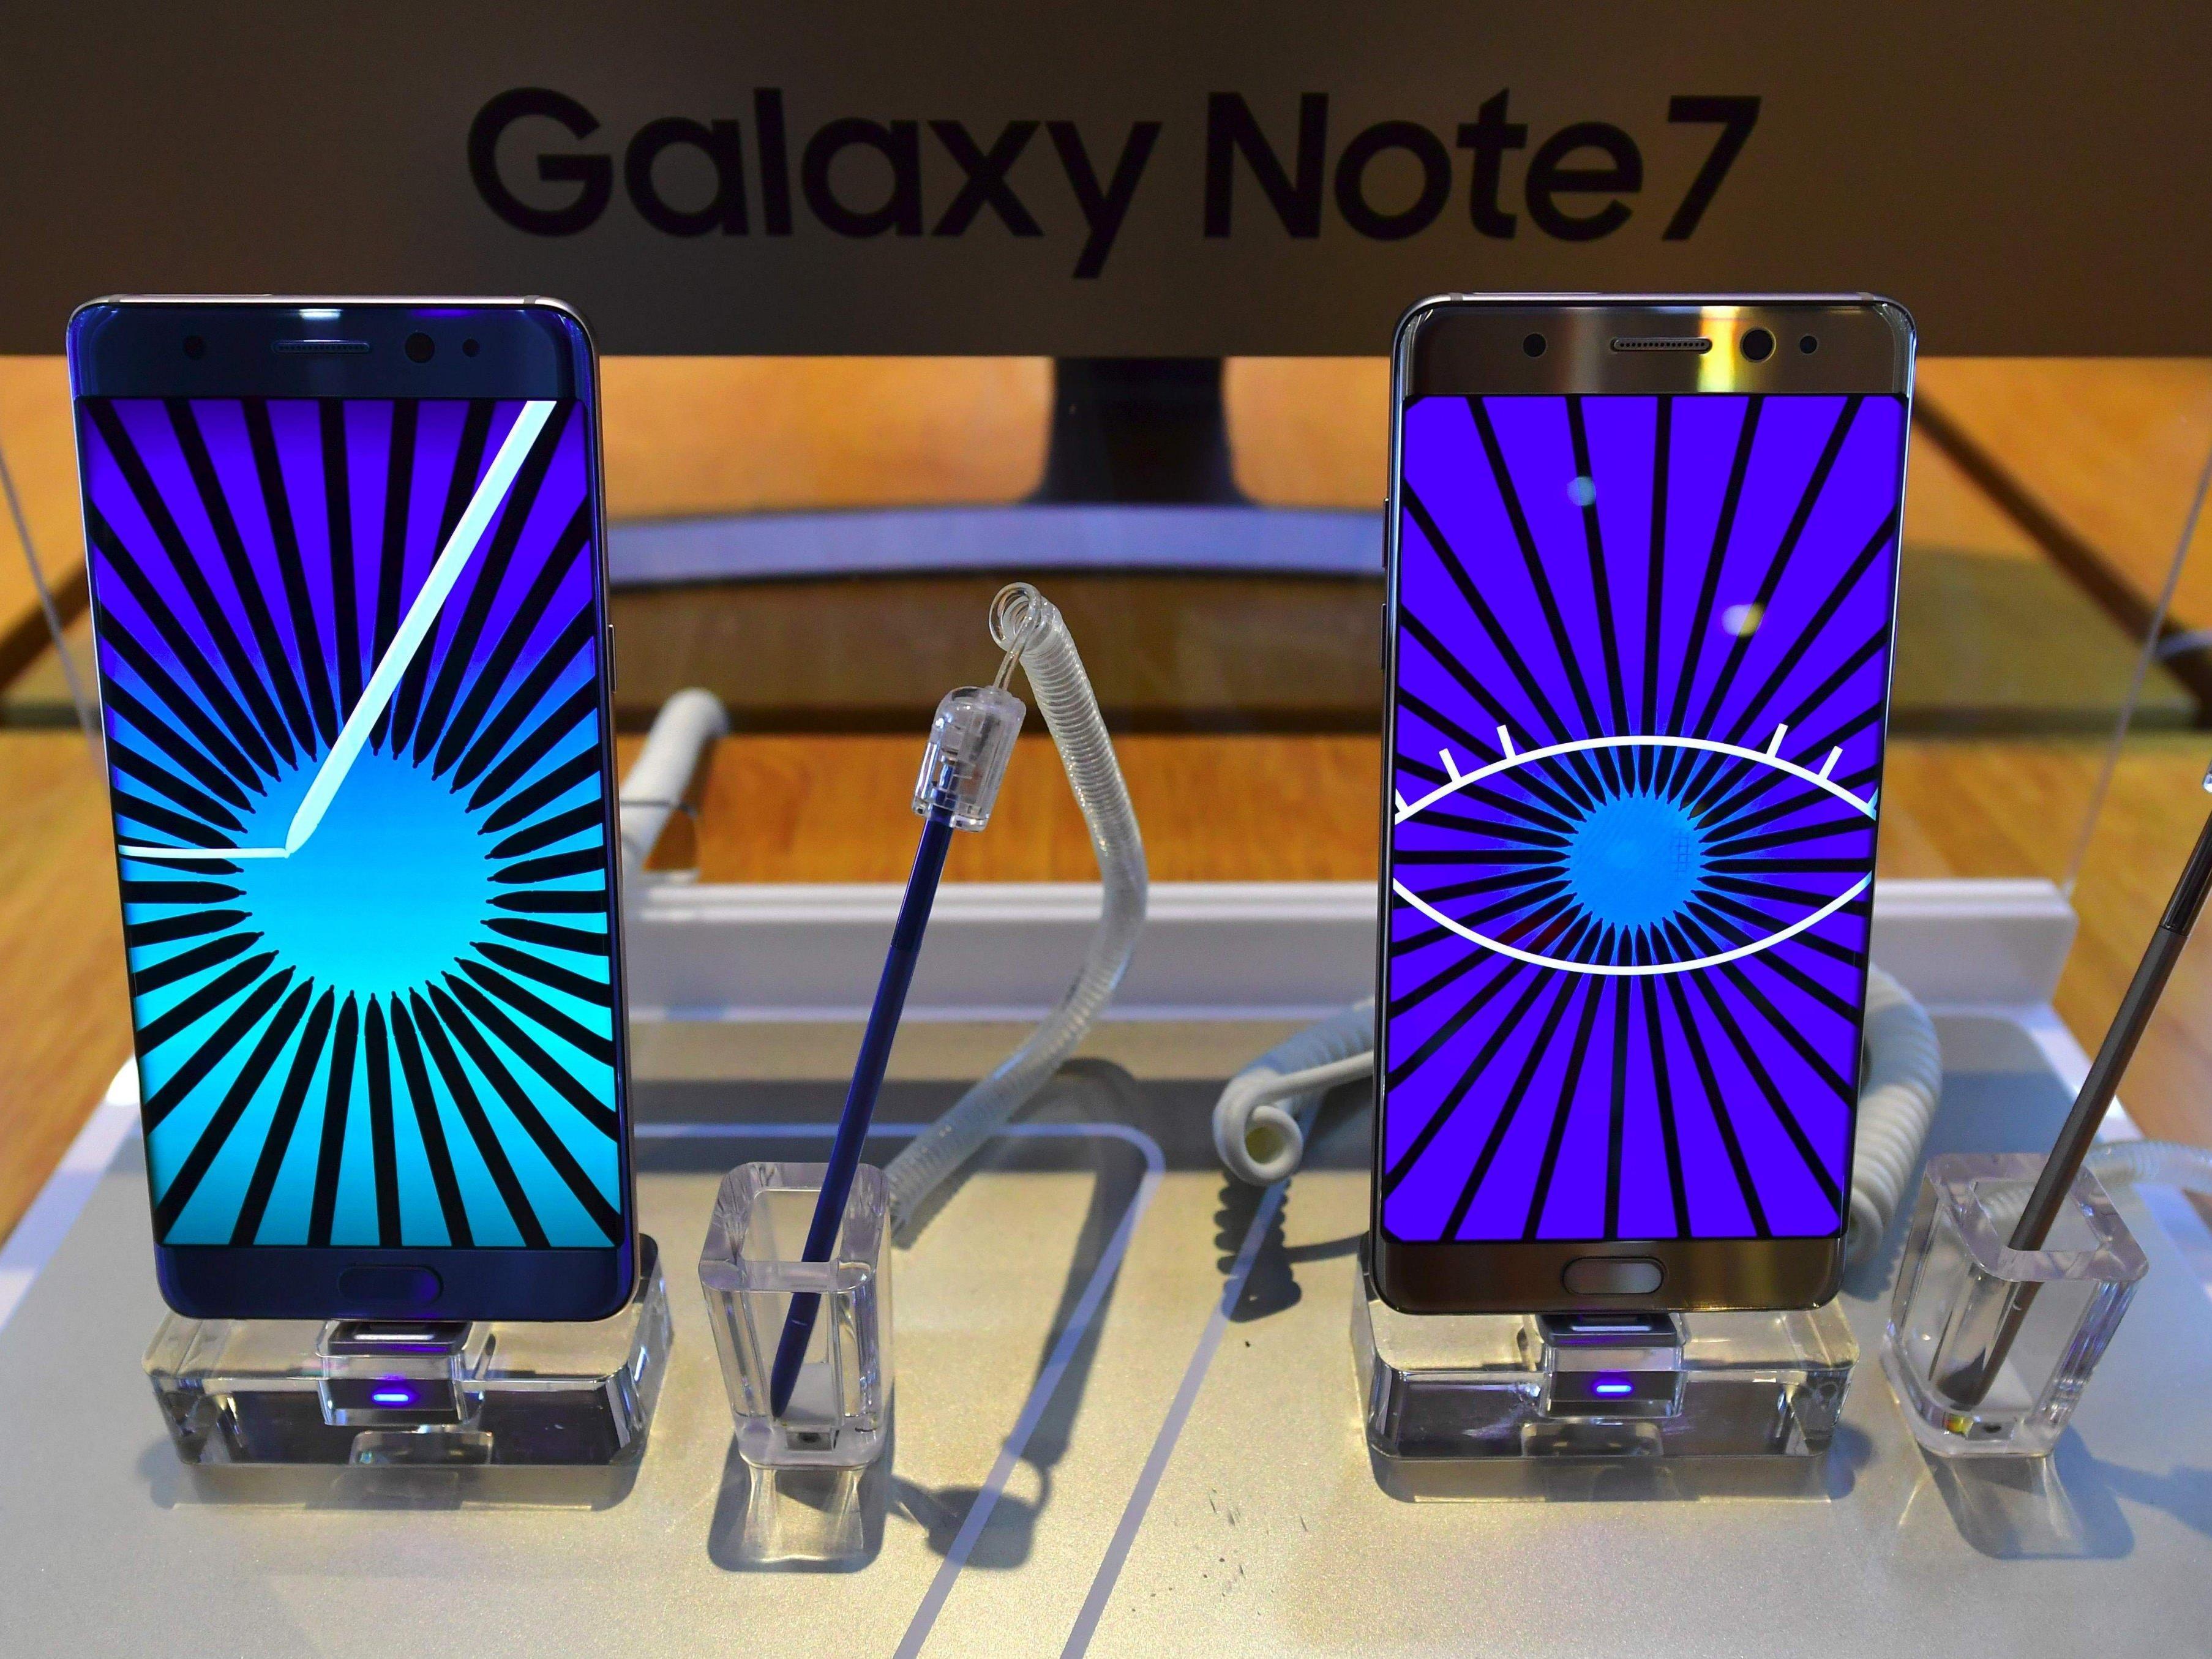 Das neue Galaxy Note 7 wird zurückgerufen